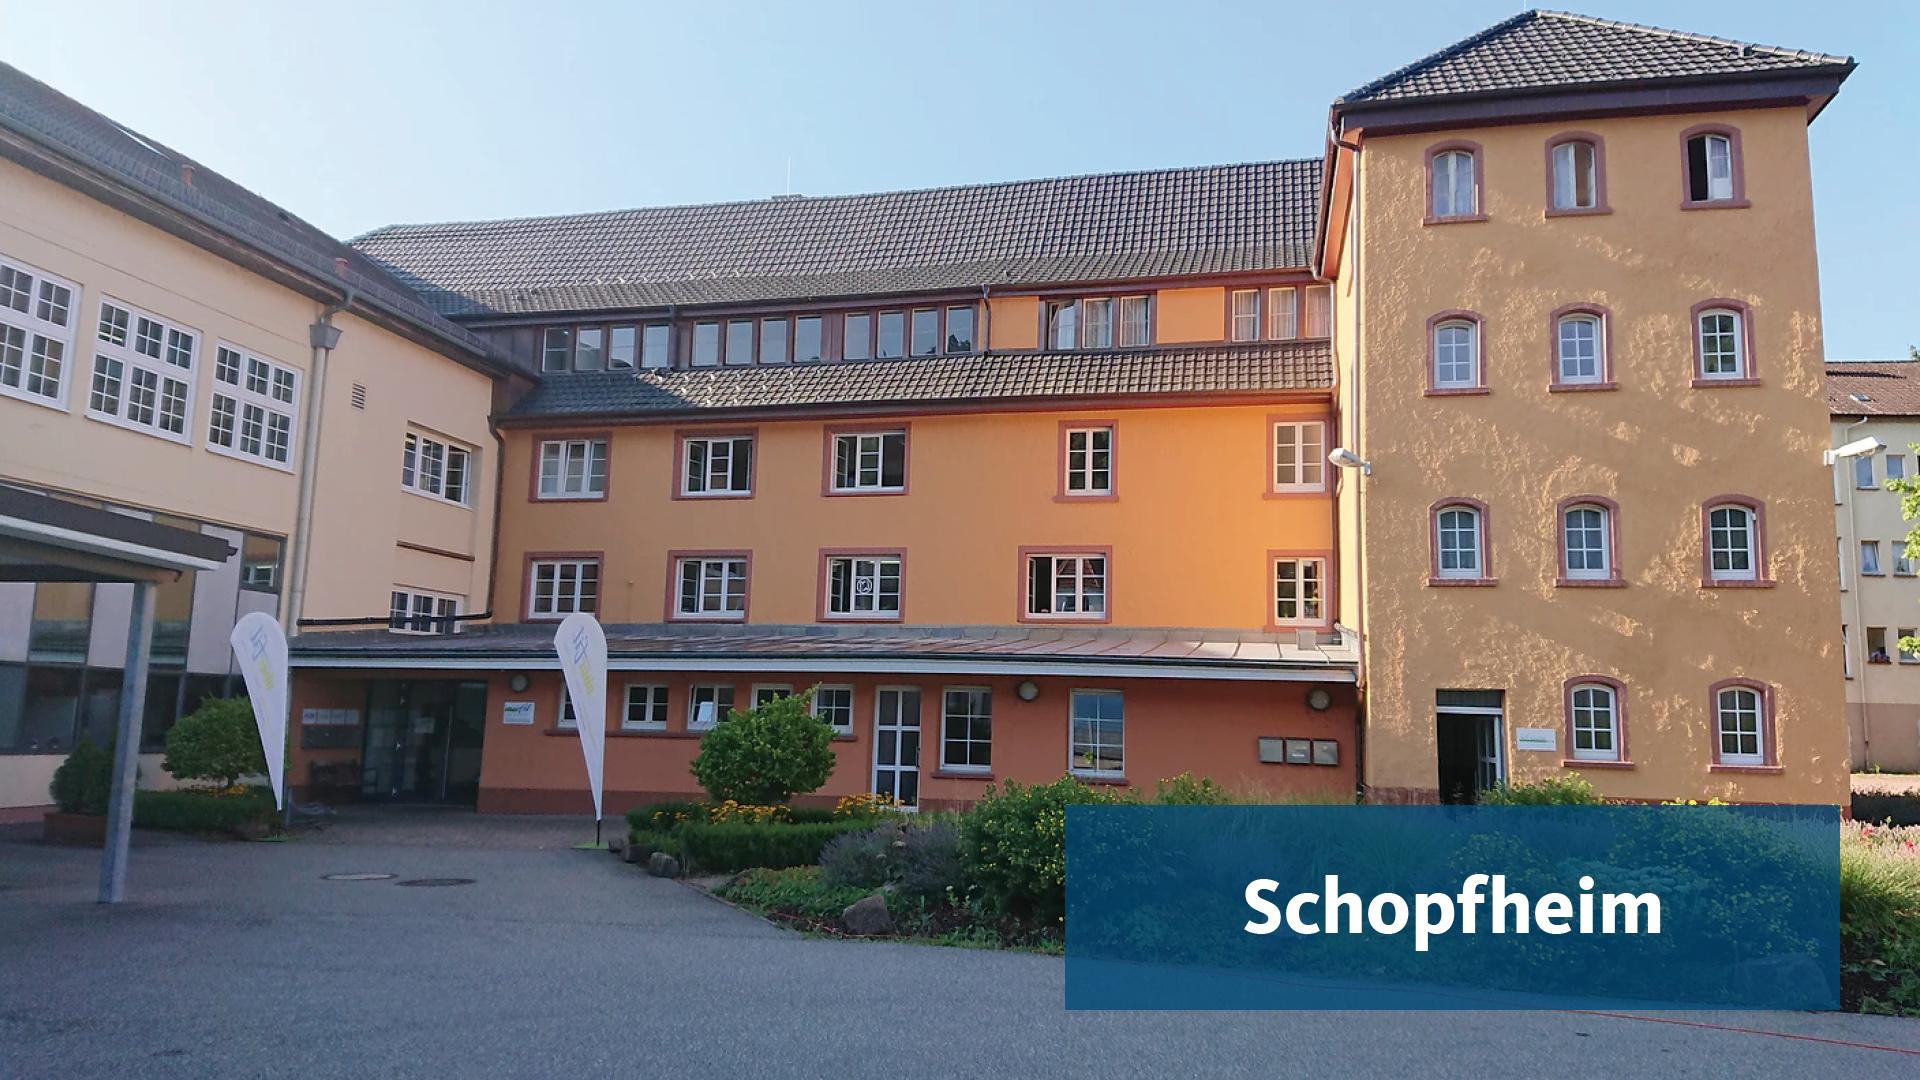 Standort Schopfheim